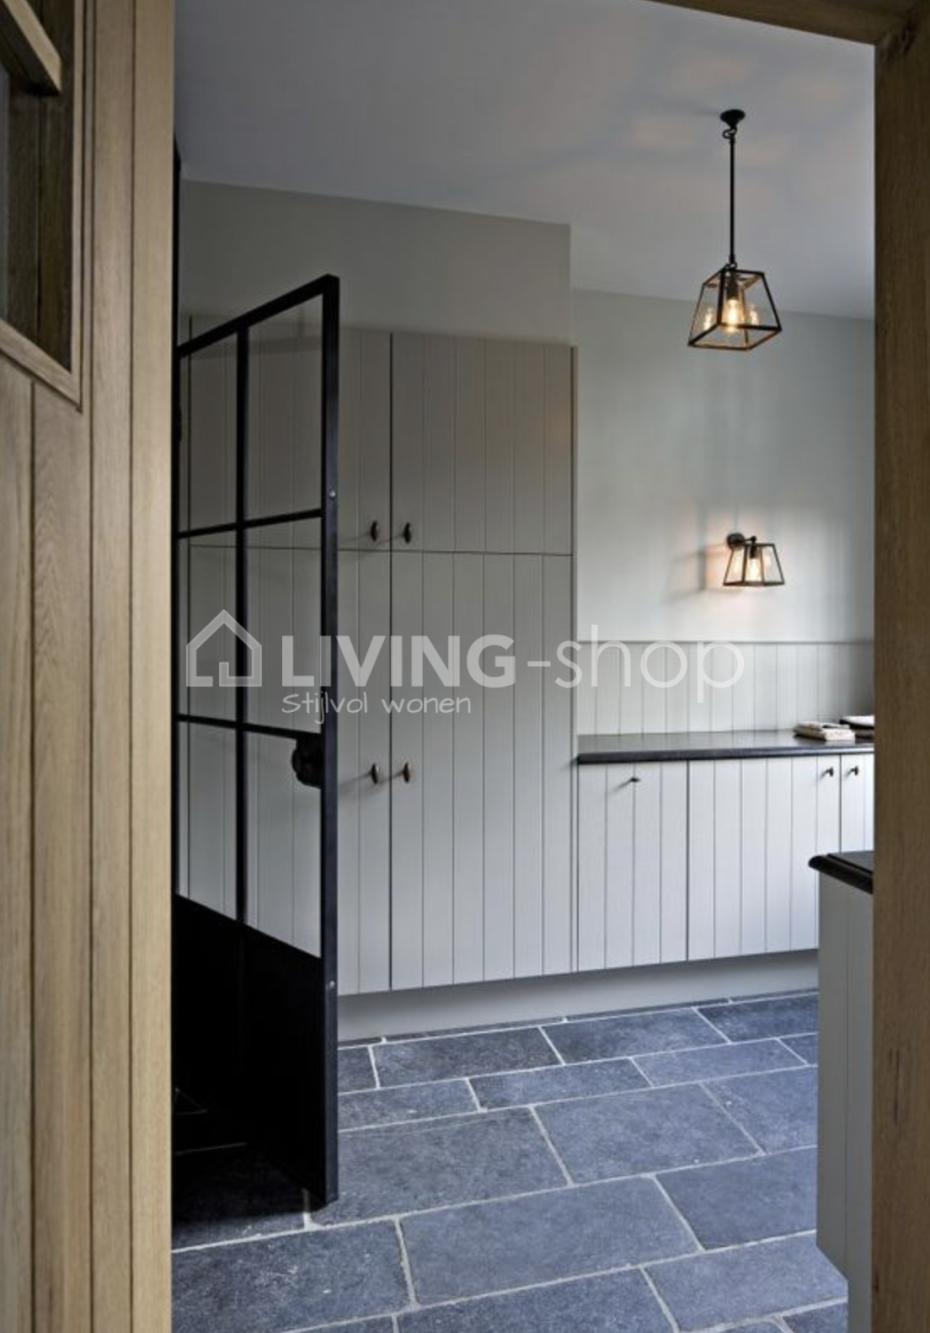 landelijk-wonen-Quadro-landelijke-stijl-wandlamp-wonen-landelijke-stijl